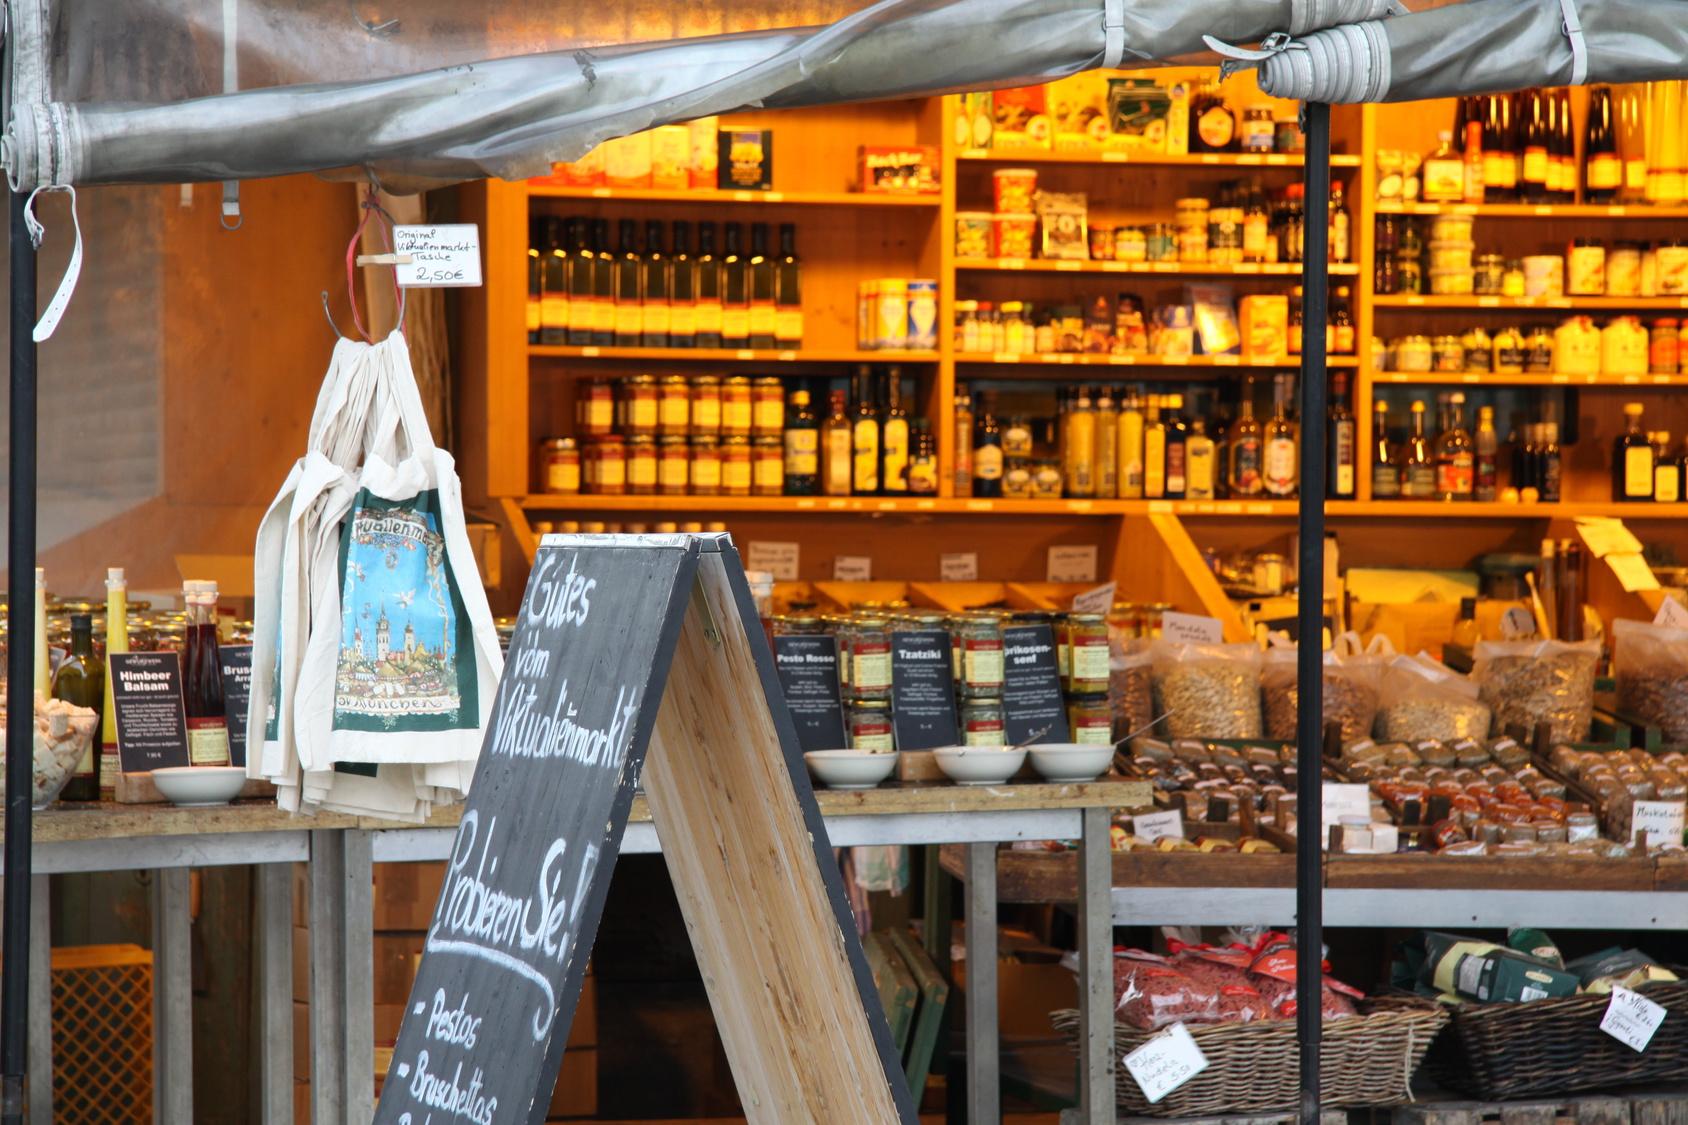 Fester Marktstand mit Regalen und Tischen voller Flaschen, Gläser und Verpackungen.